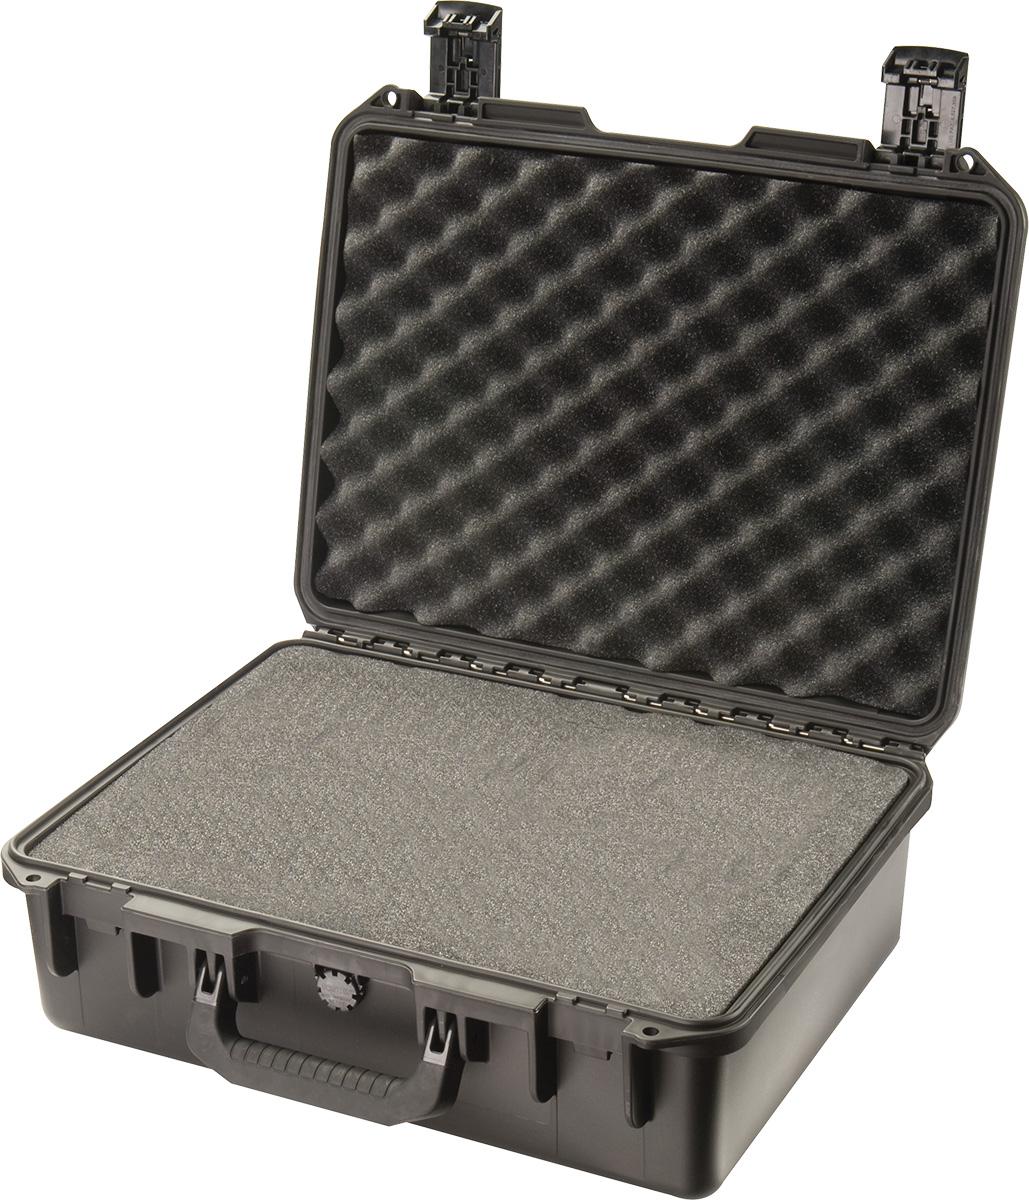 pelican im2400 storm pelican im2400 hard weapon case